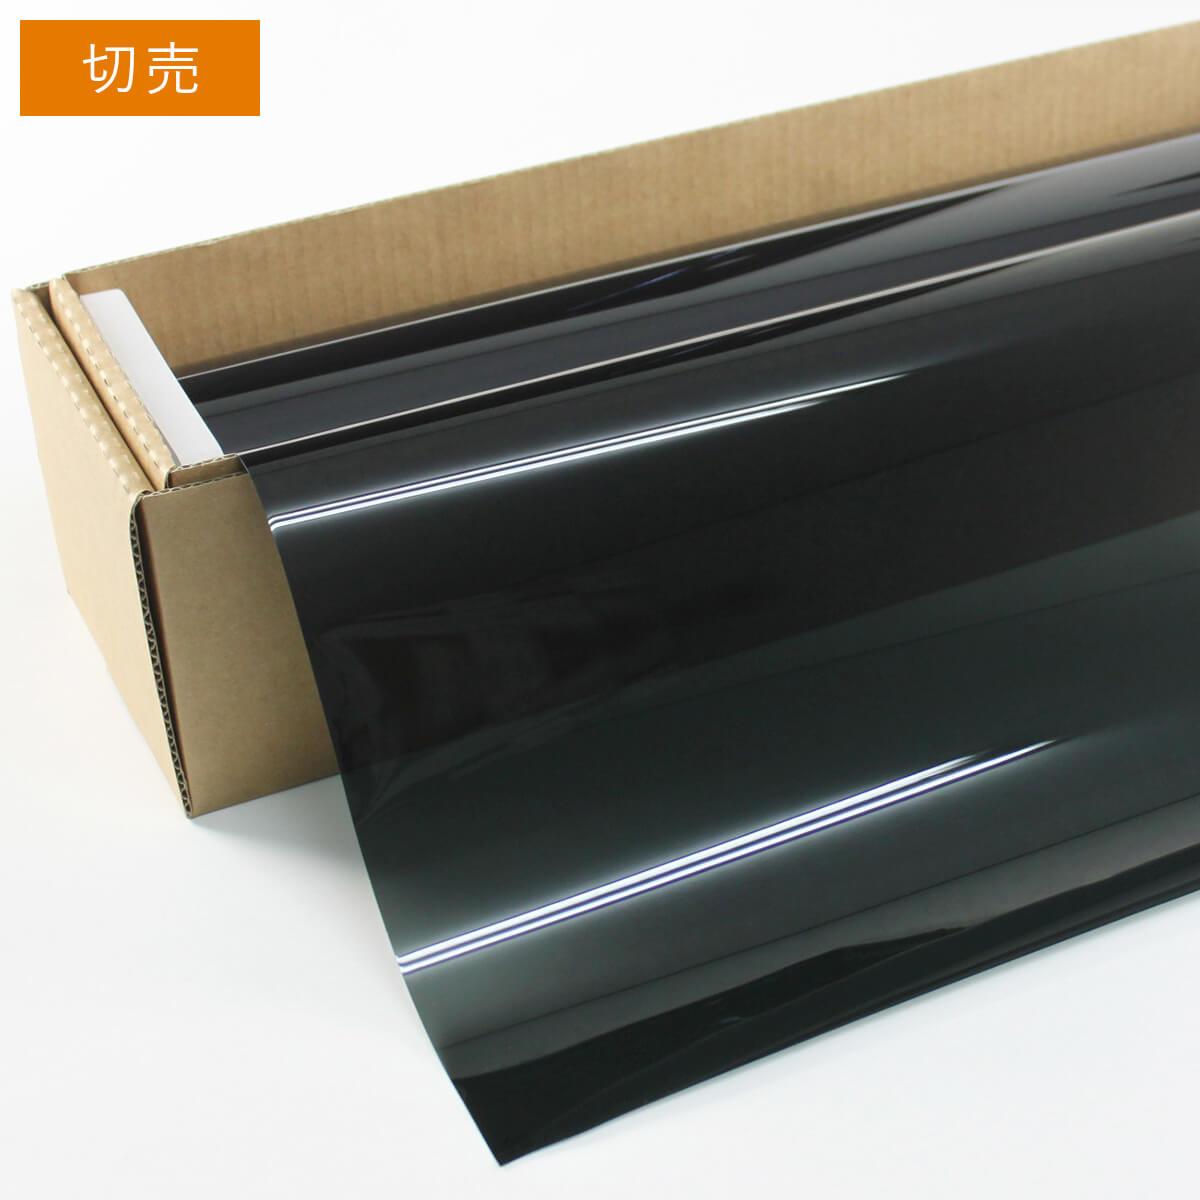 カーフィルム 窓ガラスフィルム プロ・断熱スモーク15(13%) 1m幅×長さ1m単位切売 スモークフィルム 遮熱フィルム 断熱フィルム UVカットフィルム ブレインテック Braintec